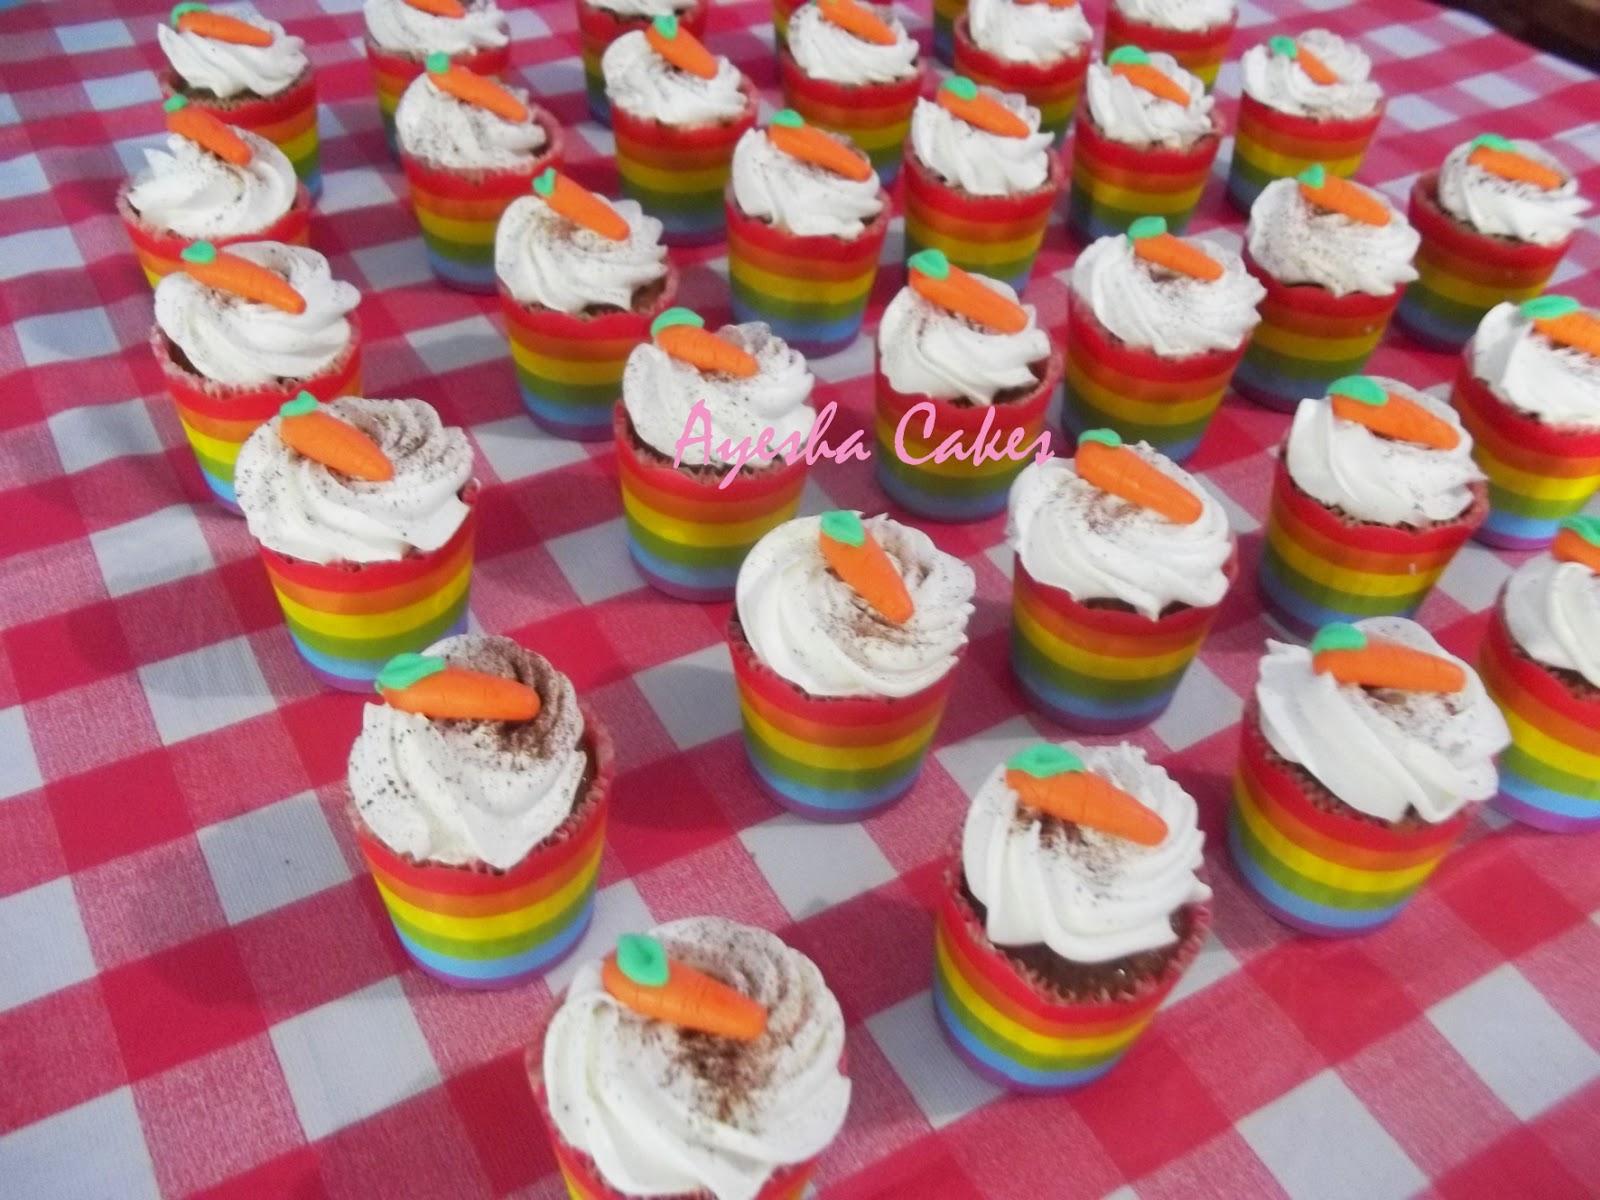 Birthday Cake Pics With Name Ayesha : Ayesha Cakes Jakarta